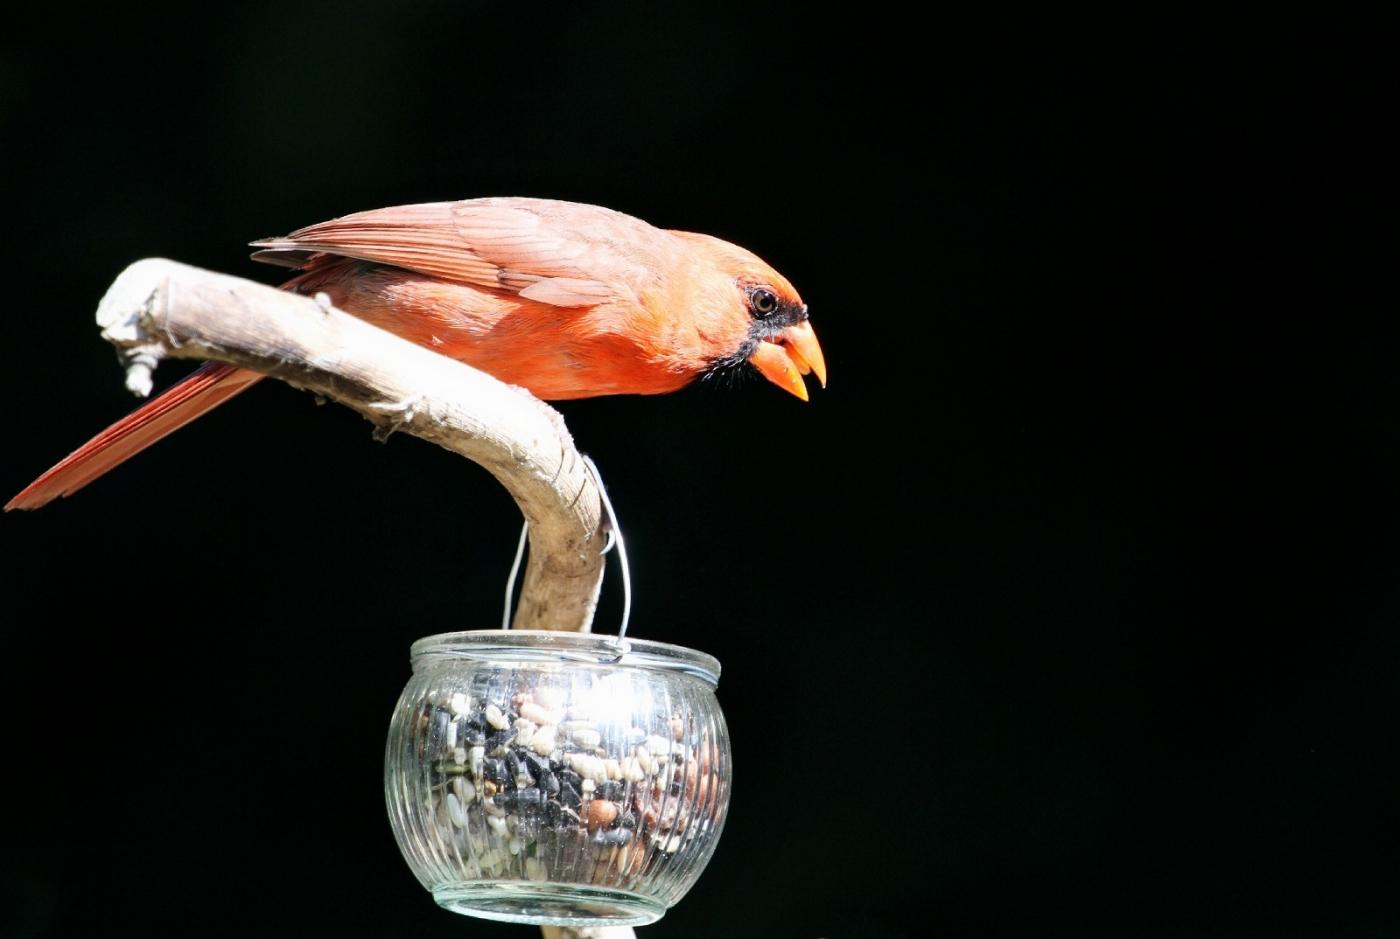 【田螺摄影】做个漂亮的喂鸟器更吸引红衣主教_图1-5